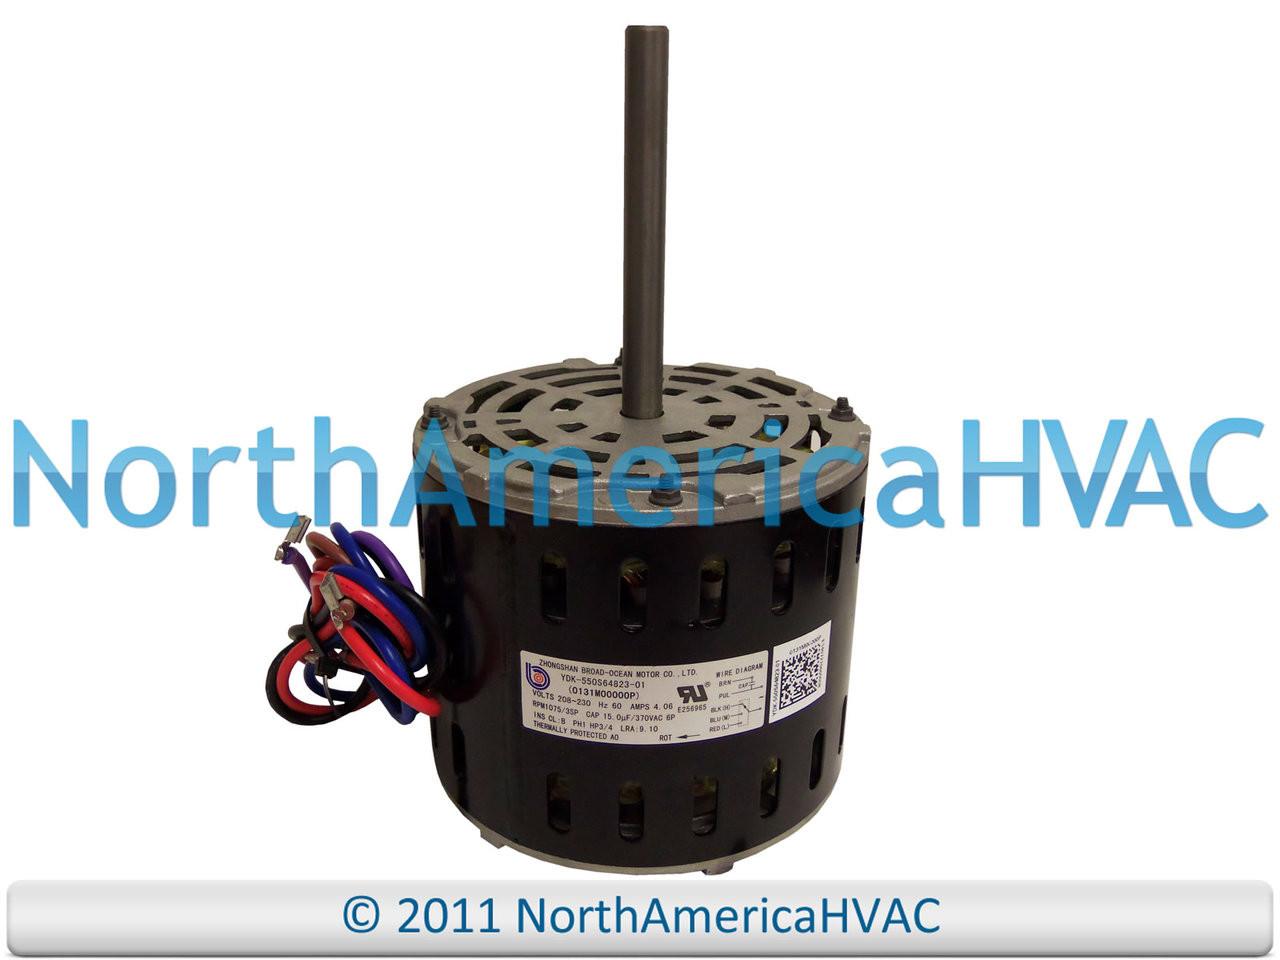 OEM Goodman Amana 3/4 HP 230v Furnace Blower Motor 0131M00000PS  0131M00000PSP - North America HVACNorth America HVAC